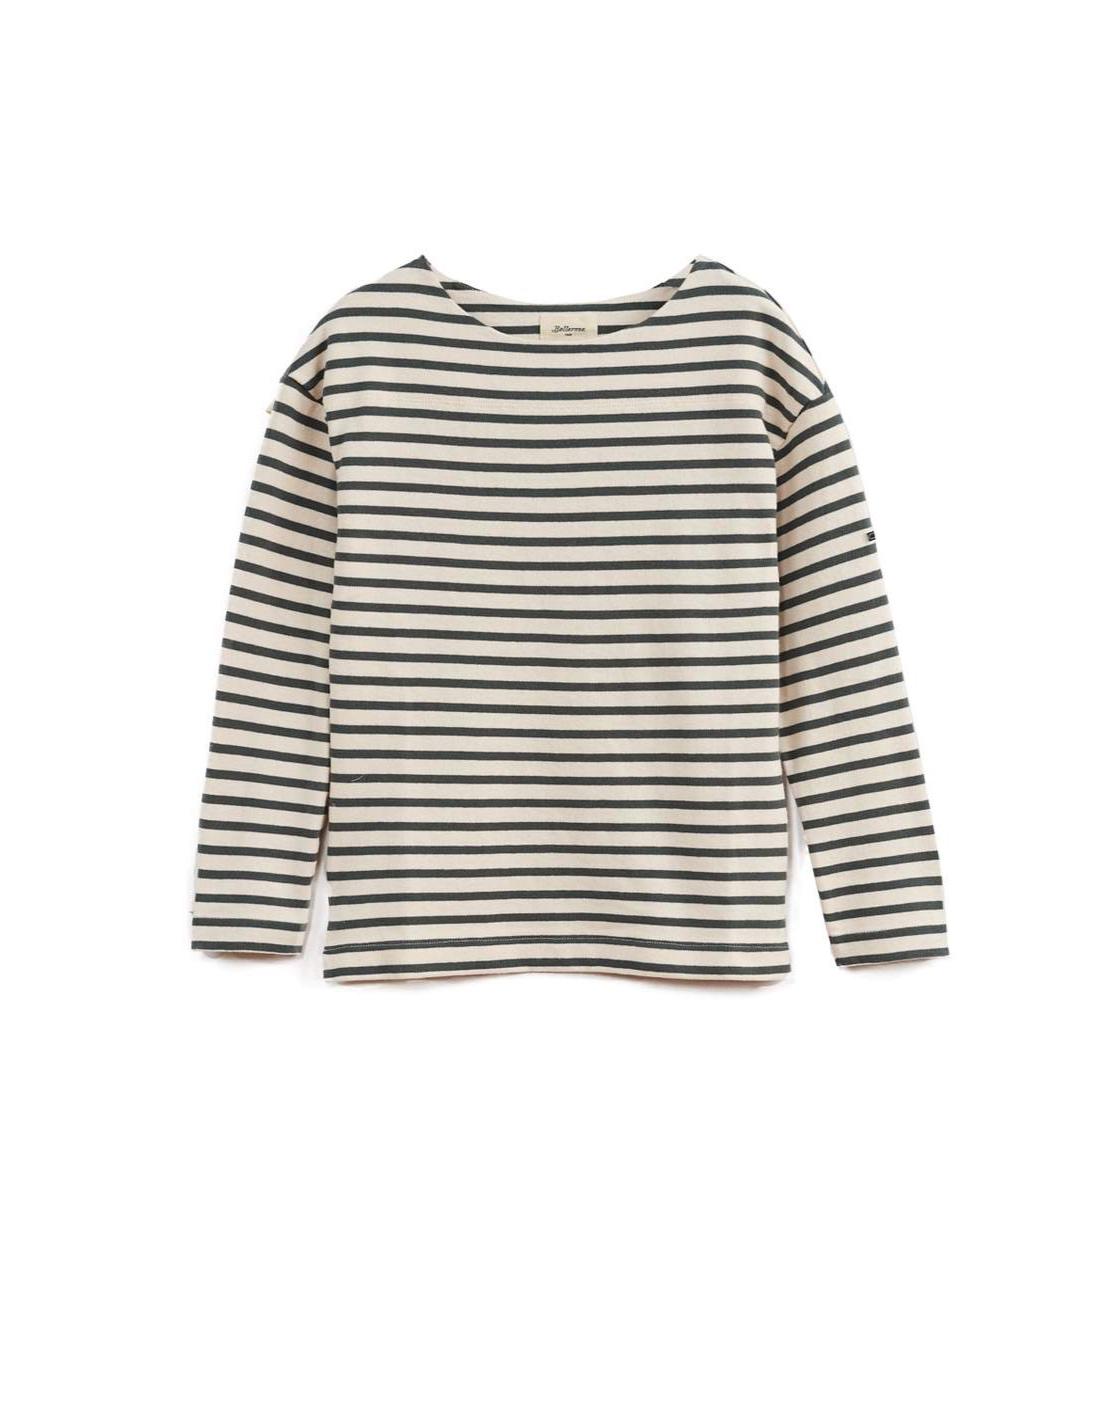 shirt_mitela_stripe3_2_1_1600x1600.jpg